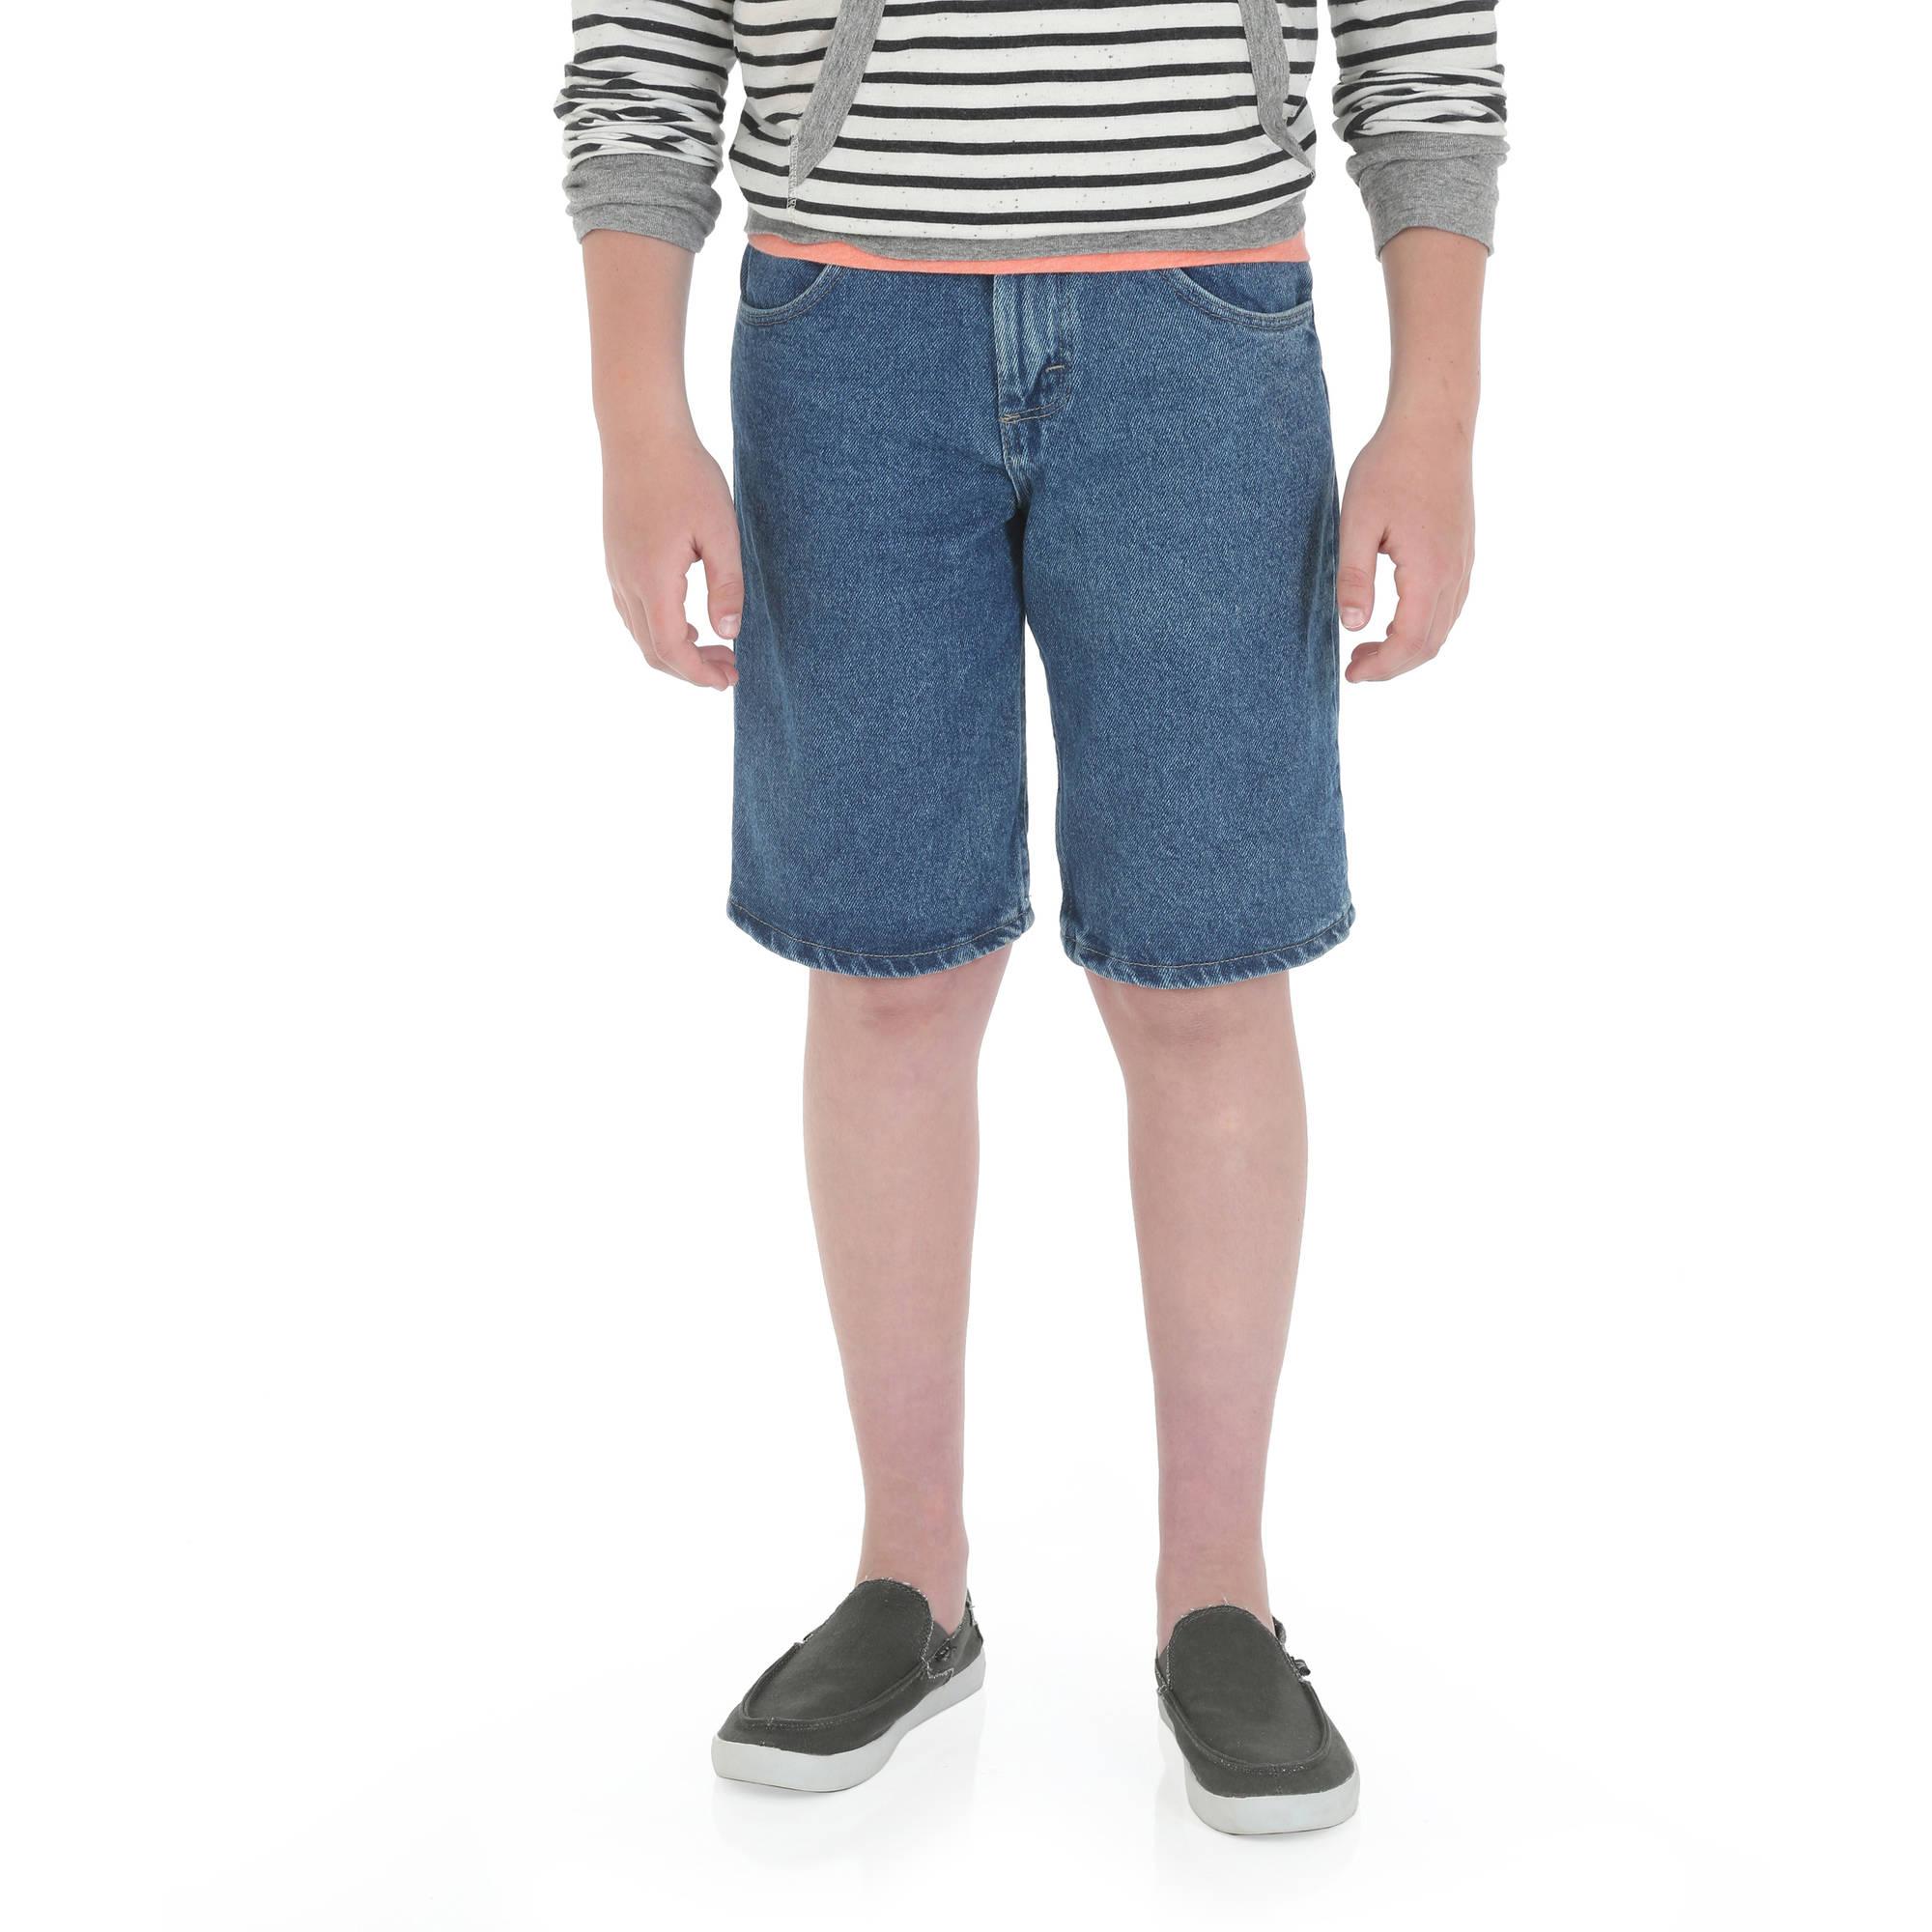 Rustler - Husky Boys' Denim Shorts